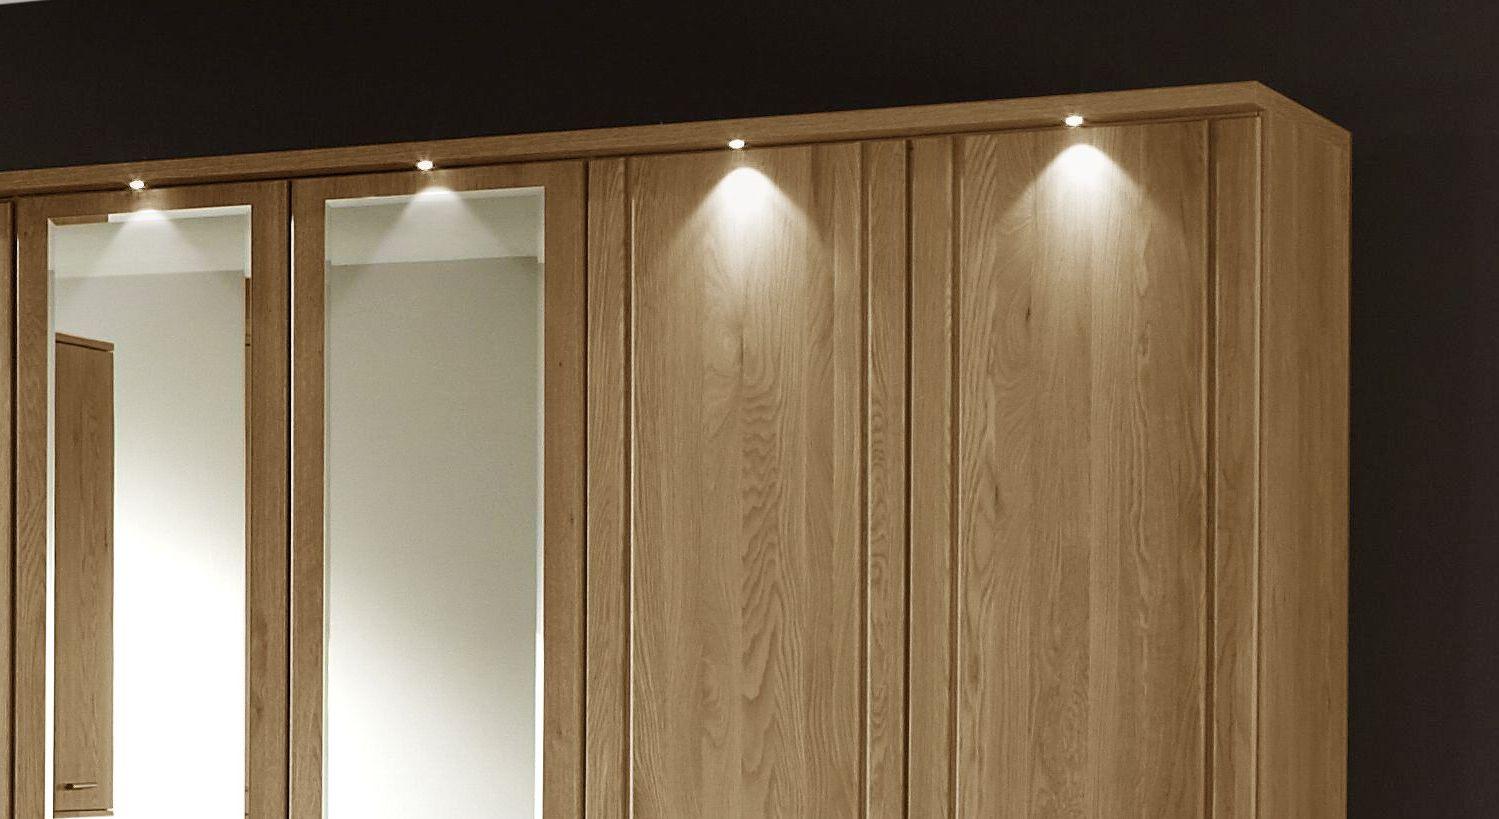 Drehtüren-Kleiderschrank Toliara mit Power-LED-Beleuchtung